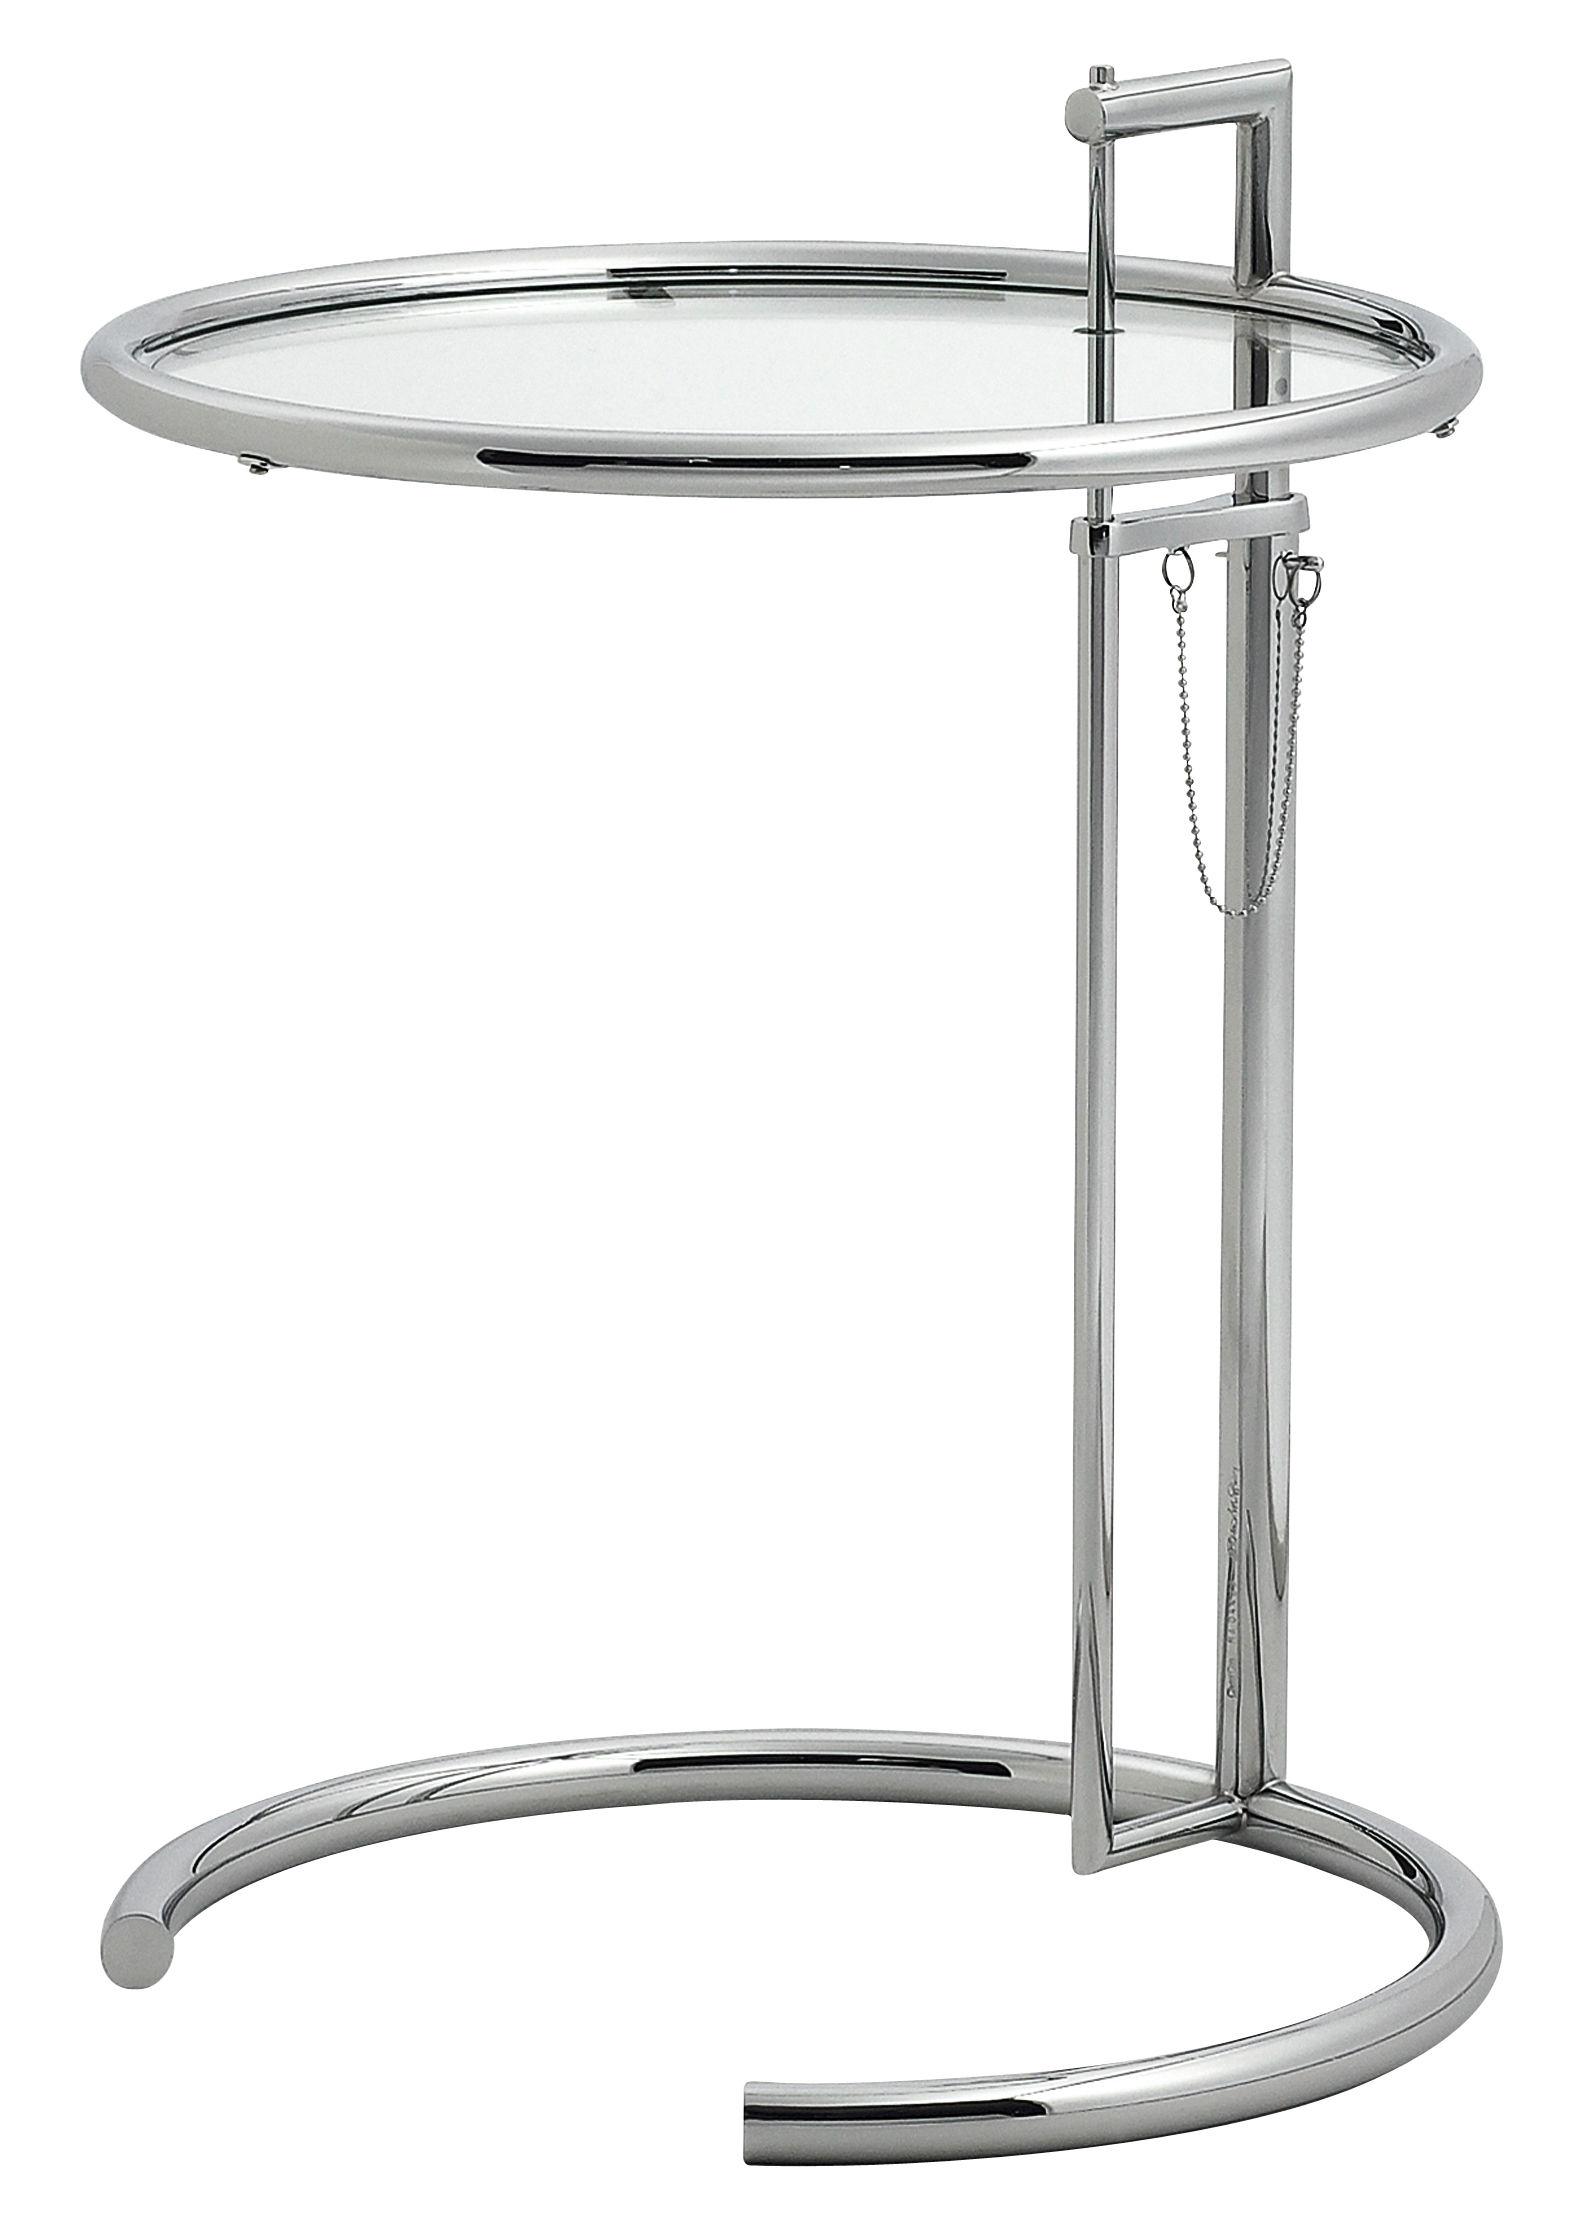 Mobilier - Tables basses - Table d'appoint E 1027 / Réédition 1927 - Hauteur réglable - ClassiCon - Chromé / Verre transparent - Acier chromé, Verre